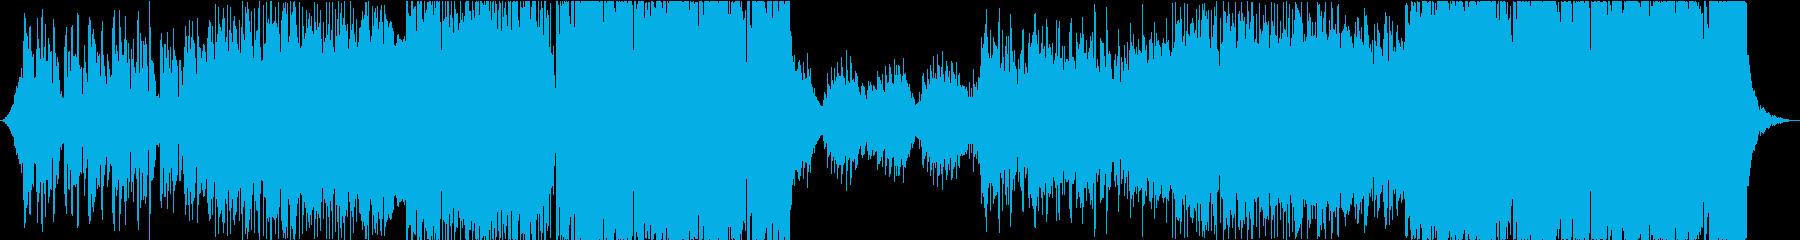 海外風 女性ボーカル付ピアノHOUSEの再生済みの波形